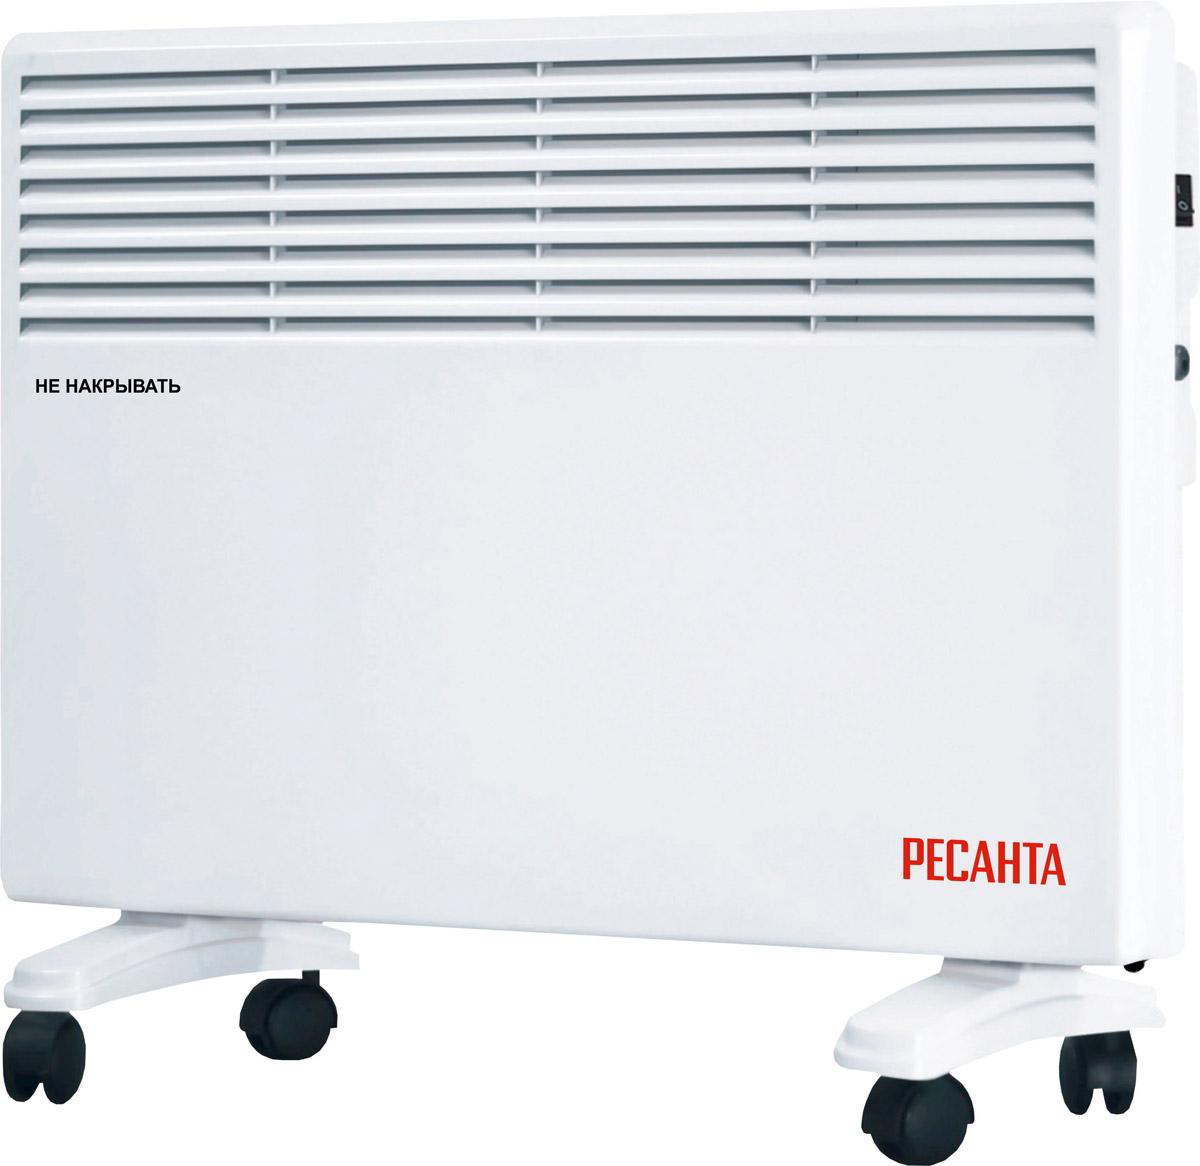 Ресанта ОК-1500Е (LED) конвектор67/4/13Конвектор электрический Ресанта ОК-1500E оснащен электронным термостатом, а также LED дисплеем с возможностью отображения текущей температуры окружающей среды.Холодный воздух, находящийся в нижней части комнаты на уровне ног, проходит через нагревательный элемент конвектора. Увеличиваясь в объеме в момент нагрева, теплый поток устремляется вверх через жалюзи выходной решетки и плавно распространяется по комнате. При этом направление потока, заданное наклоном жалюзи, создает благоприятную, ускоренную циркуляцию теплого воздуха внутри помещения, не рассредоточивая его на стены и окна.